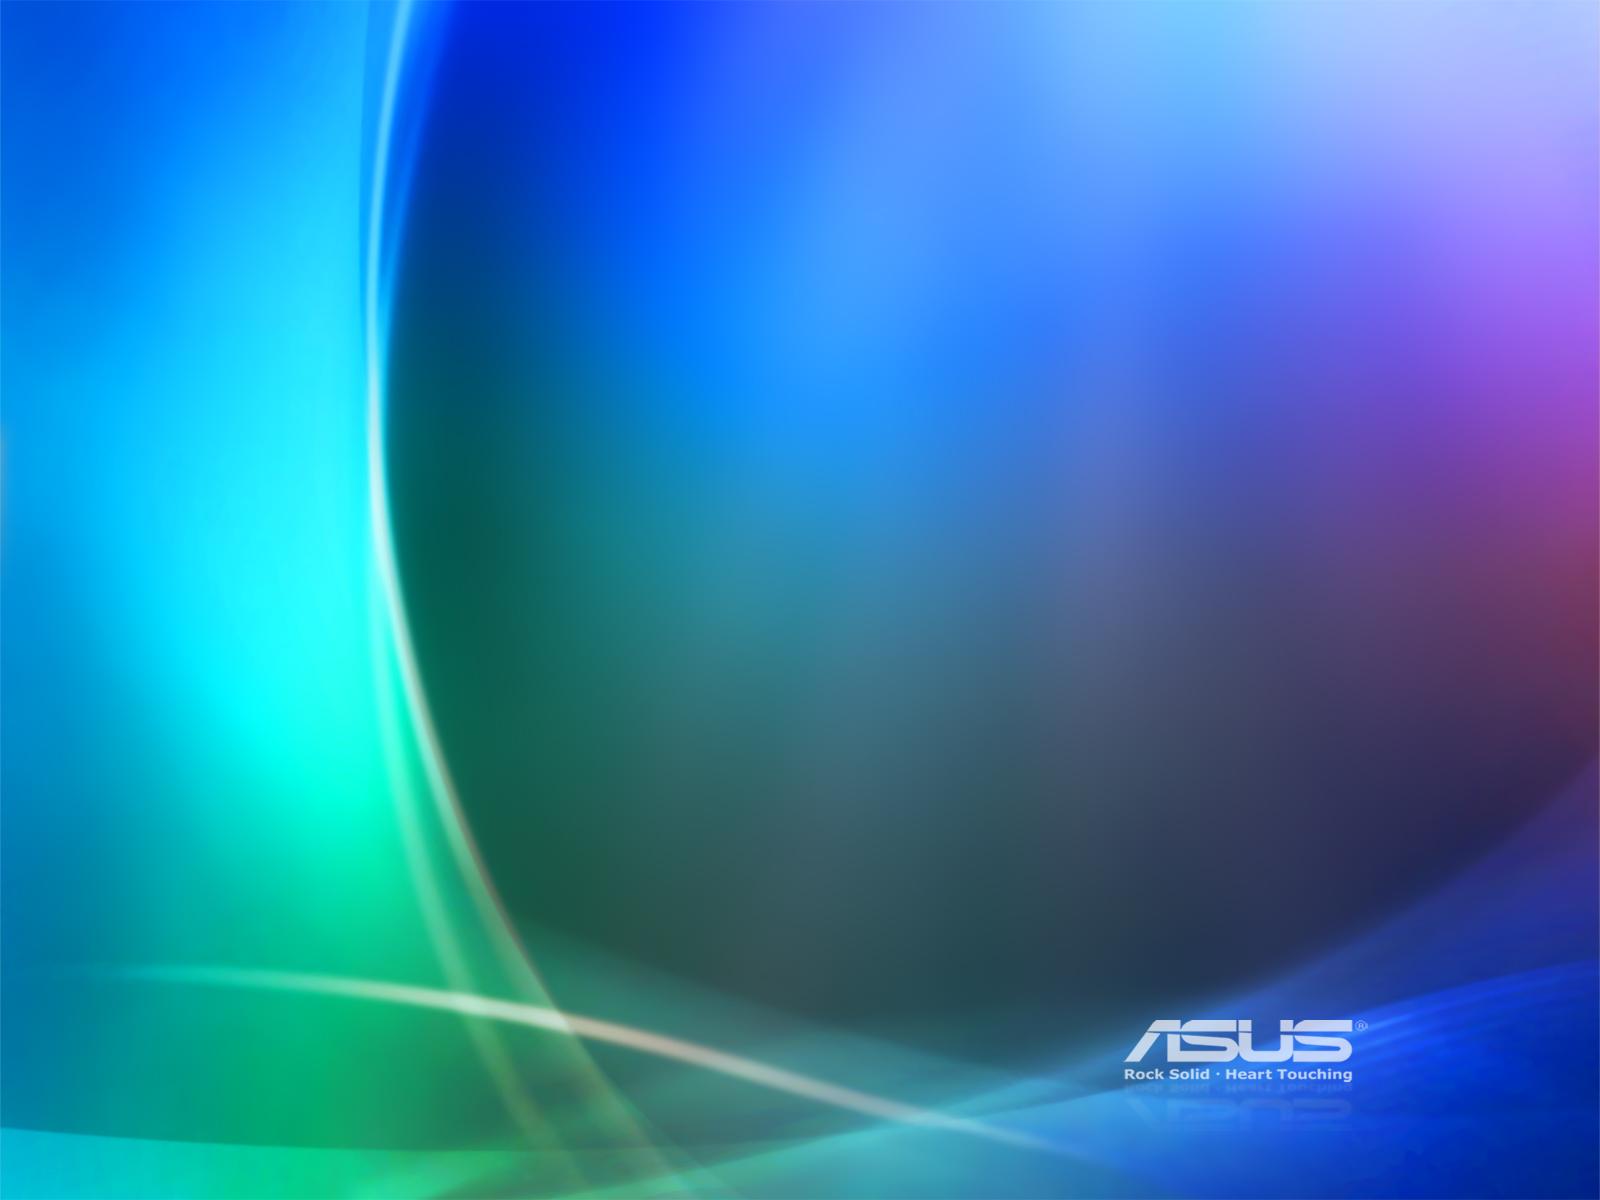 Asus Mobile Wallpaper: 윈도우 포럼